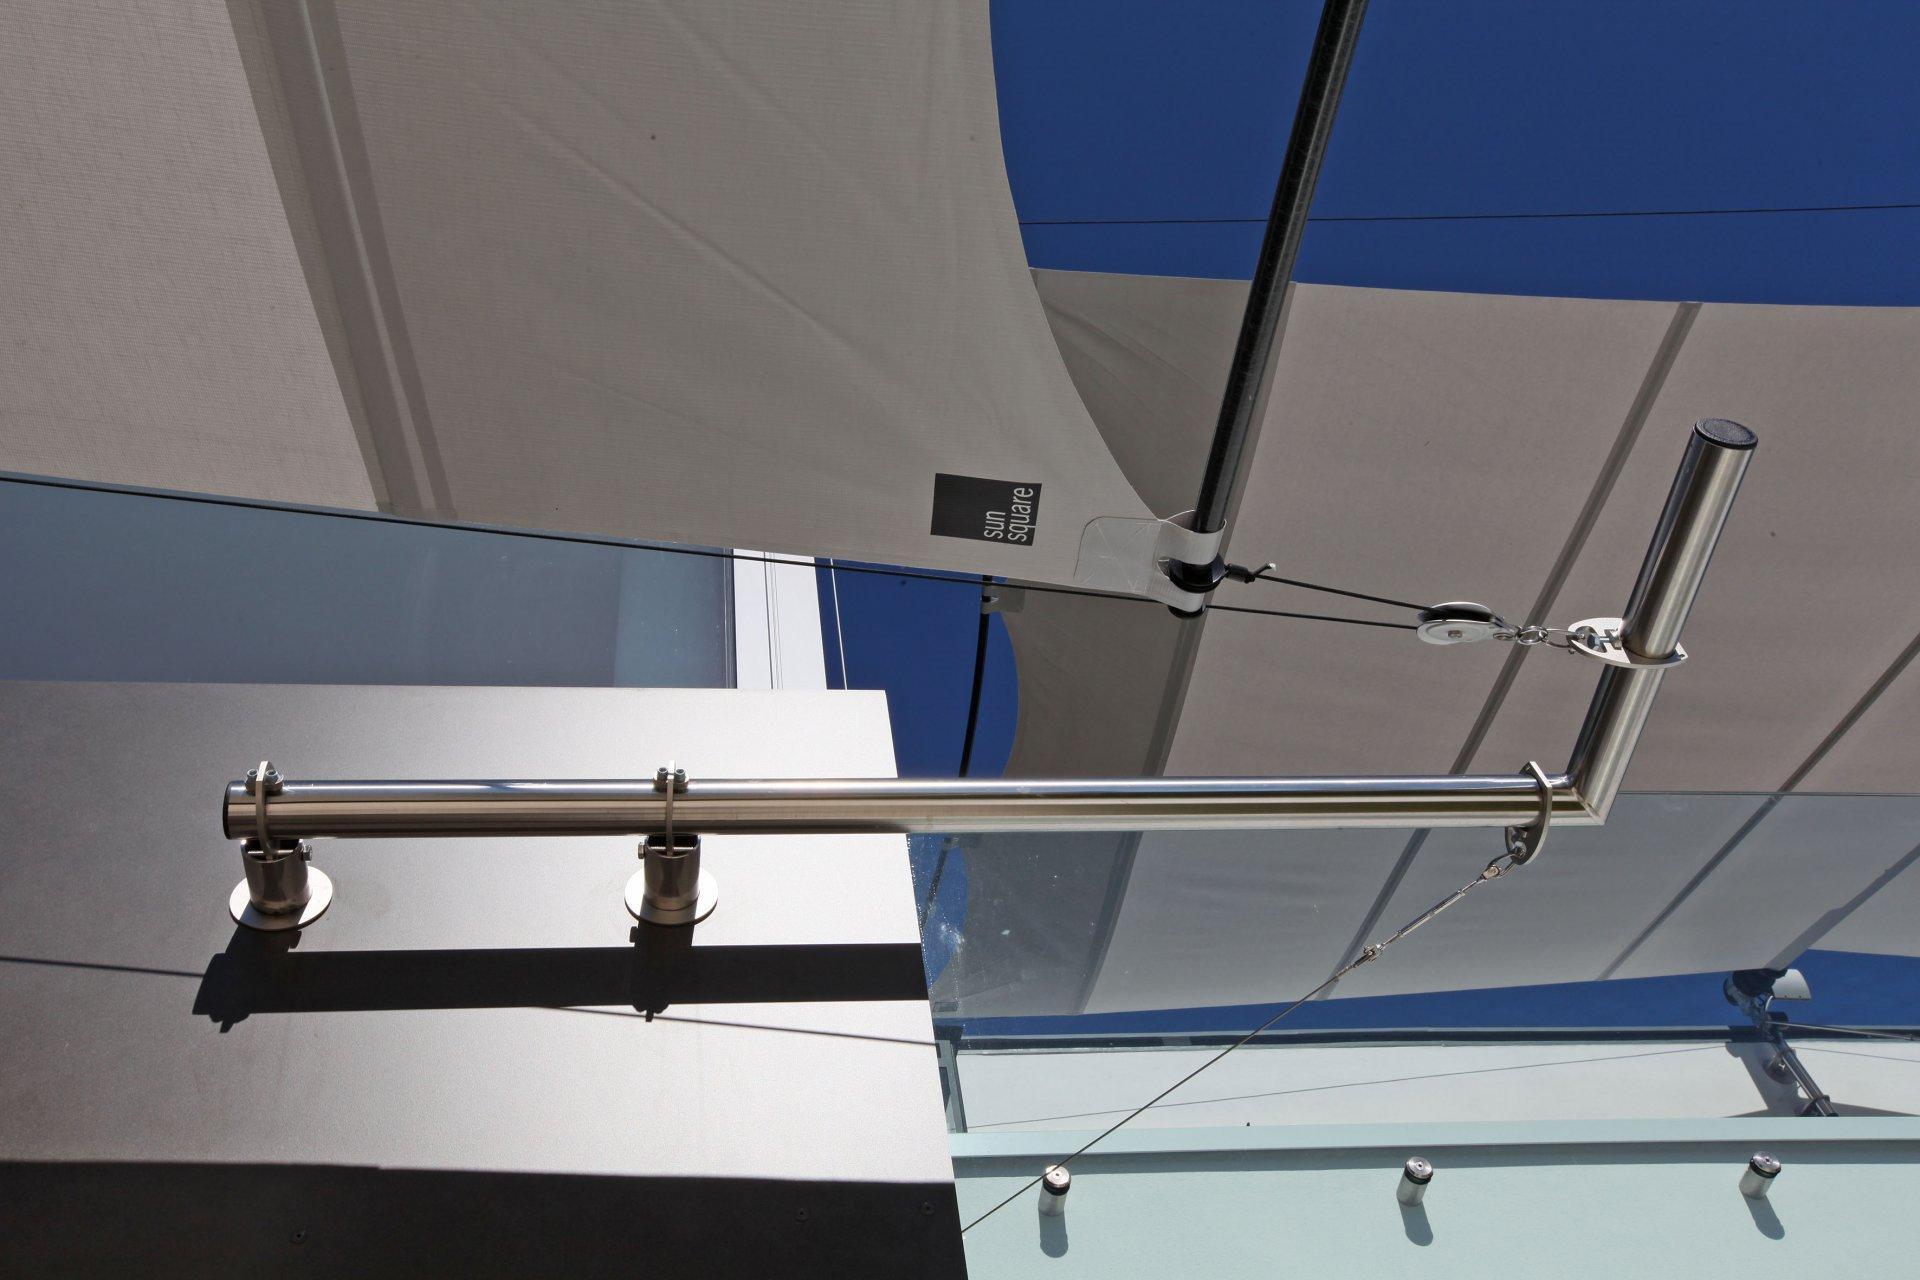 Sunsquare - vollautomatische Sonnensegelanlagen - unique sun sails.